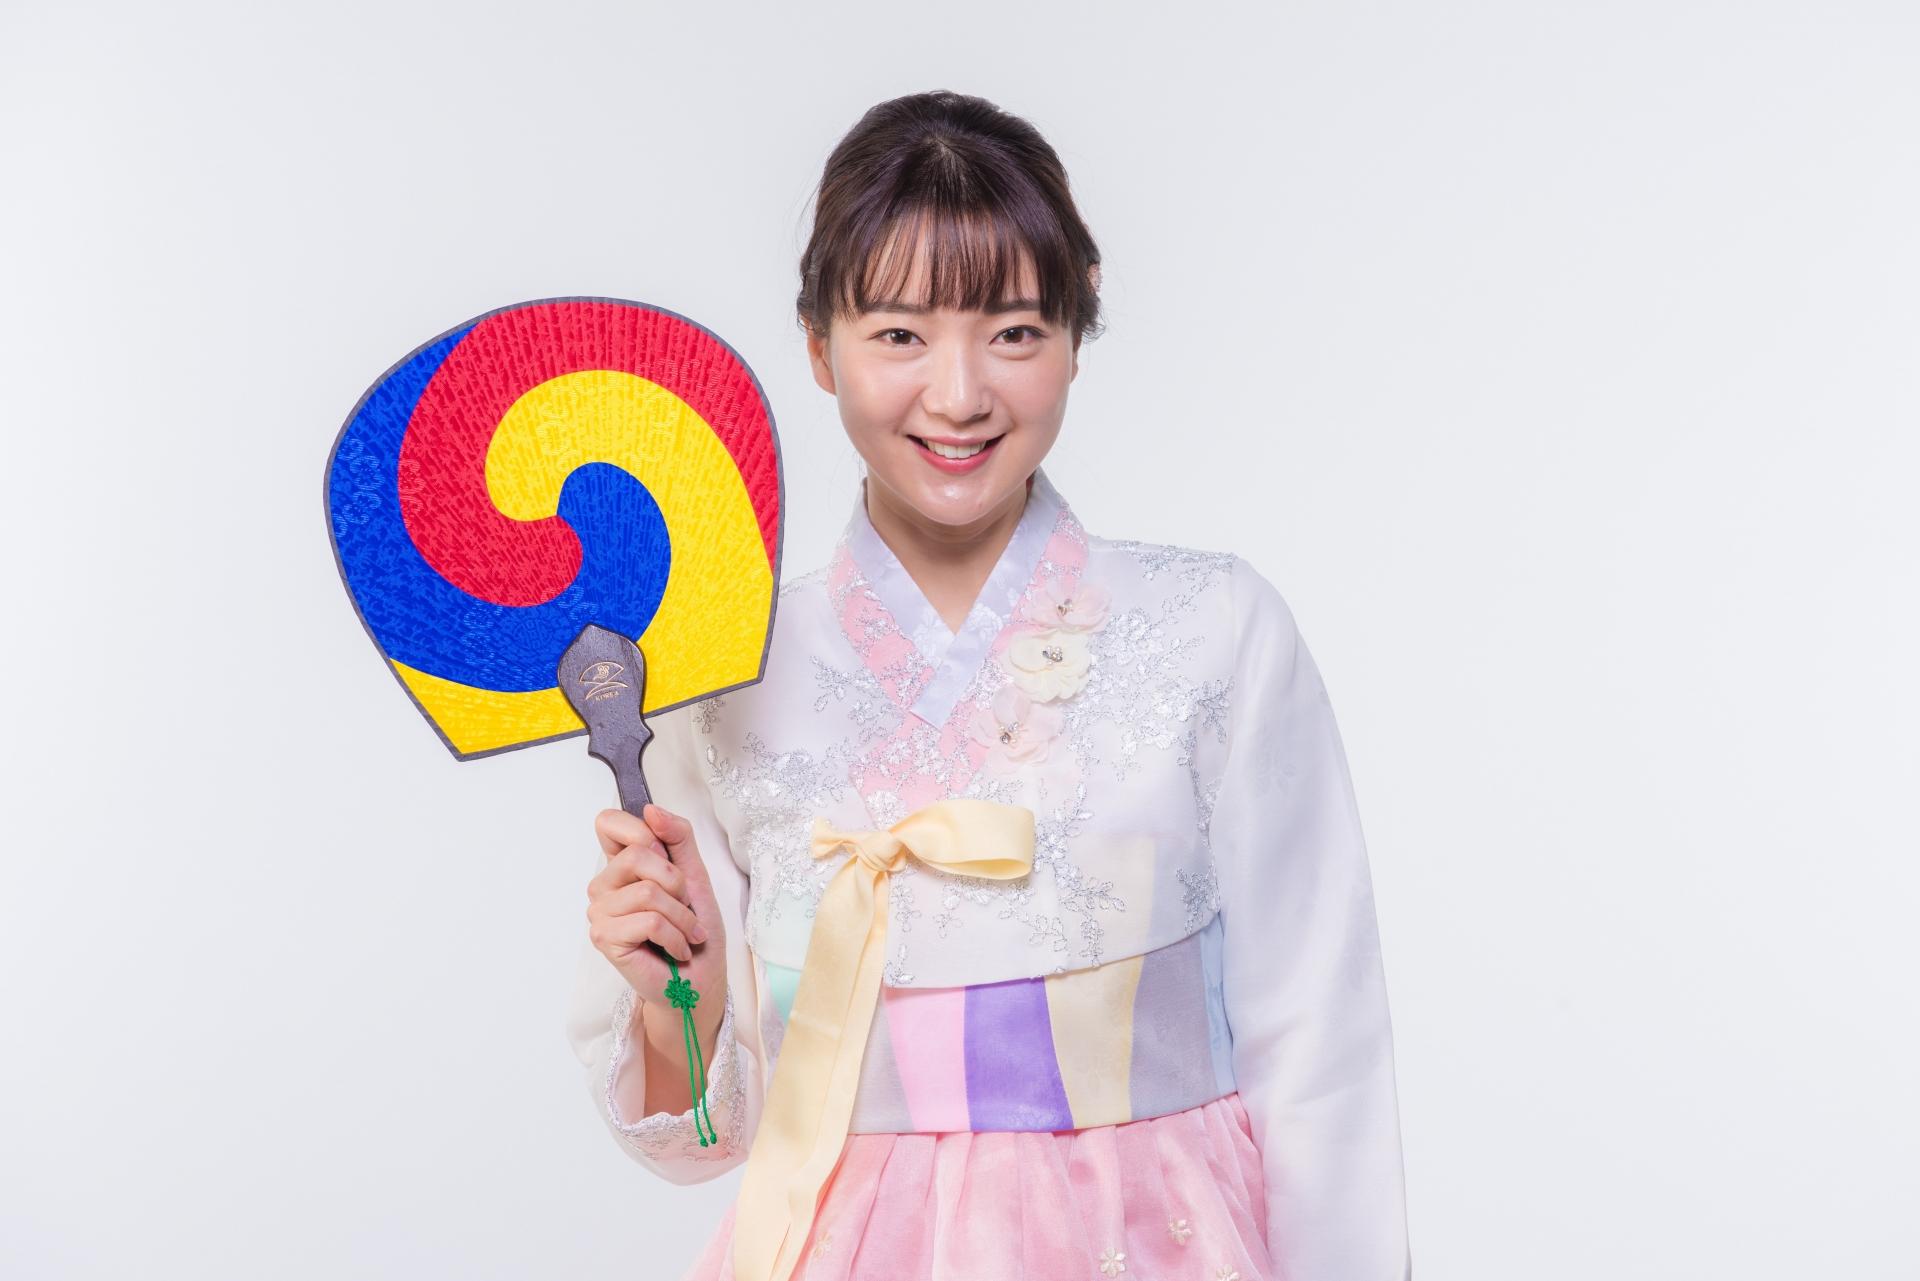 韓国歌手の高い歌唱力!日本人との発声方法には違いがあった!